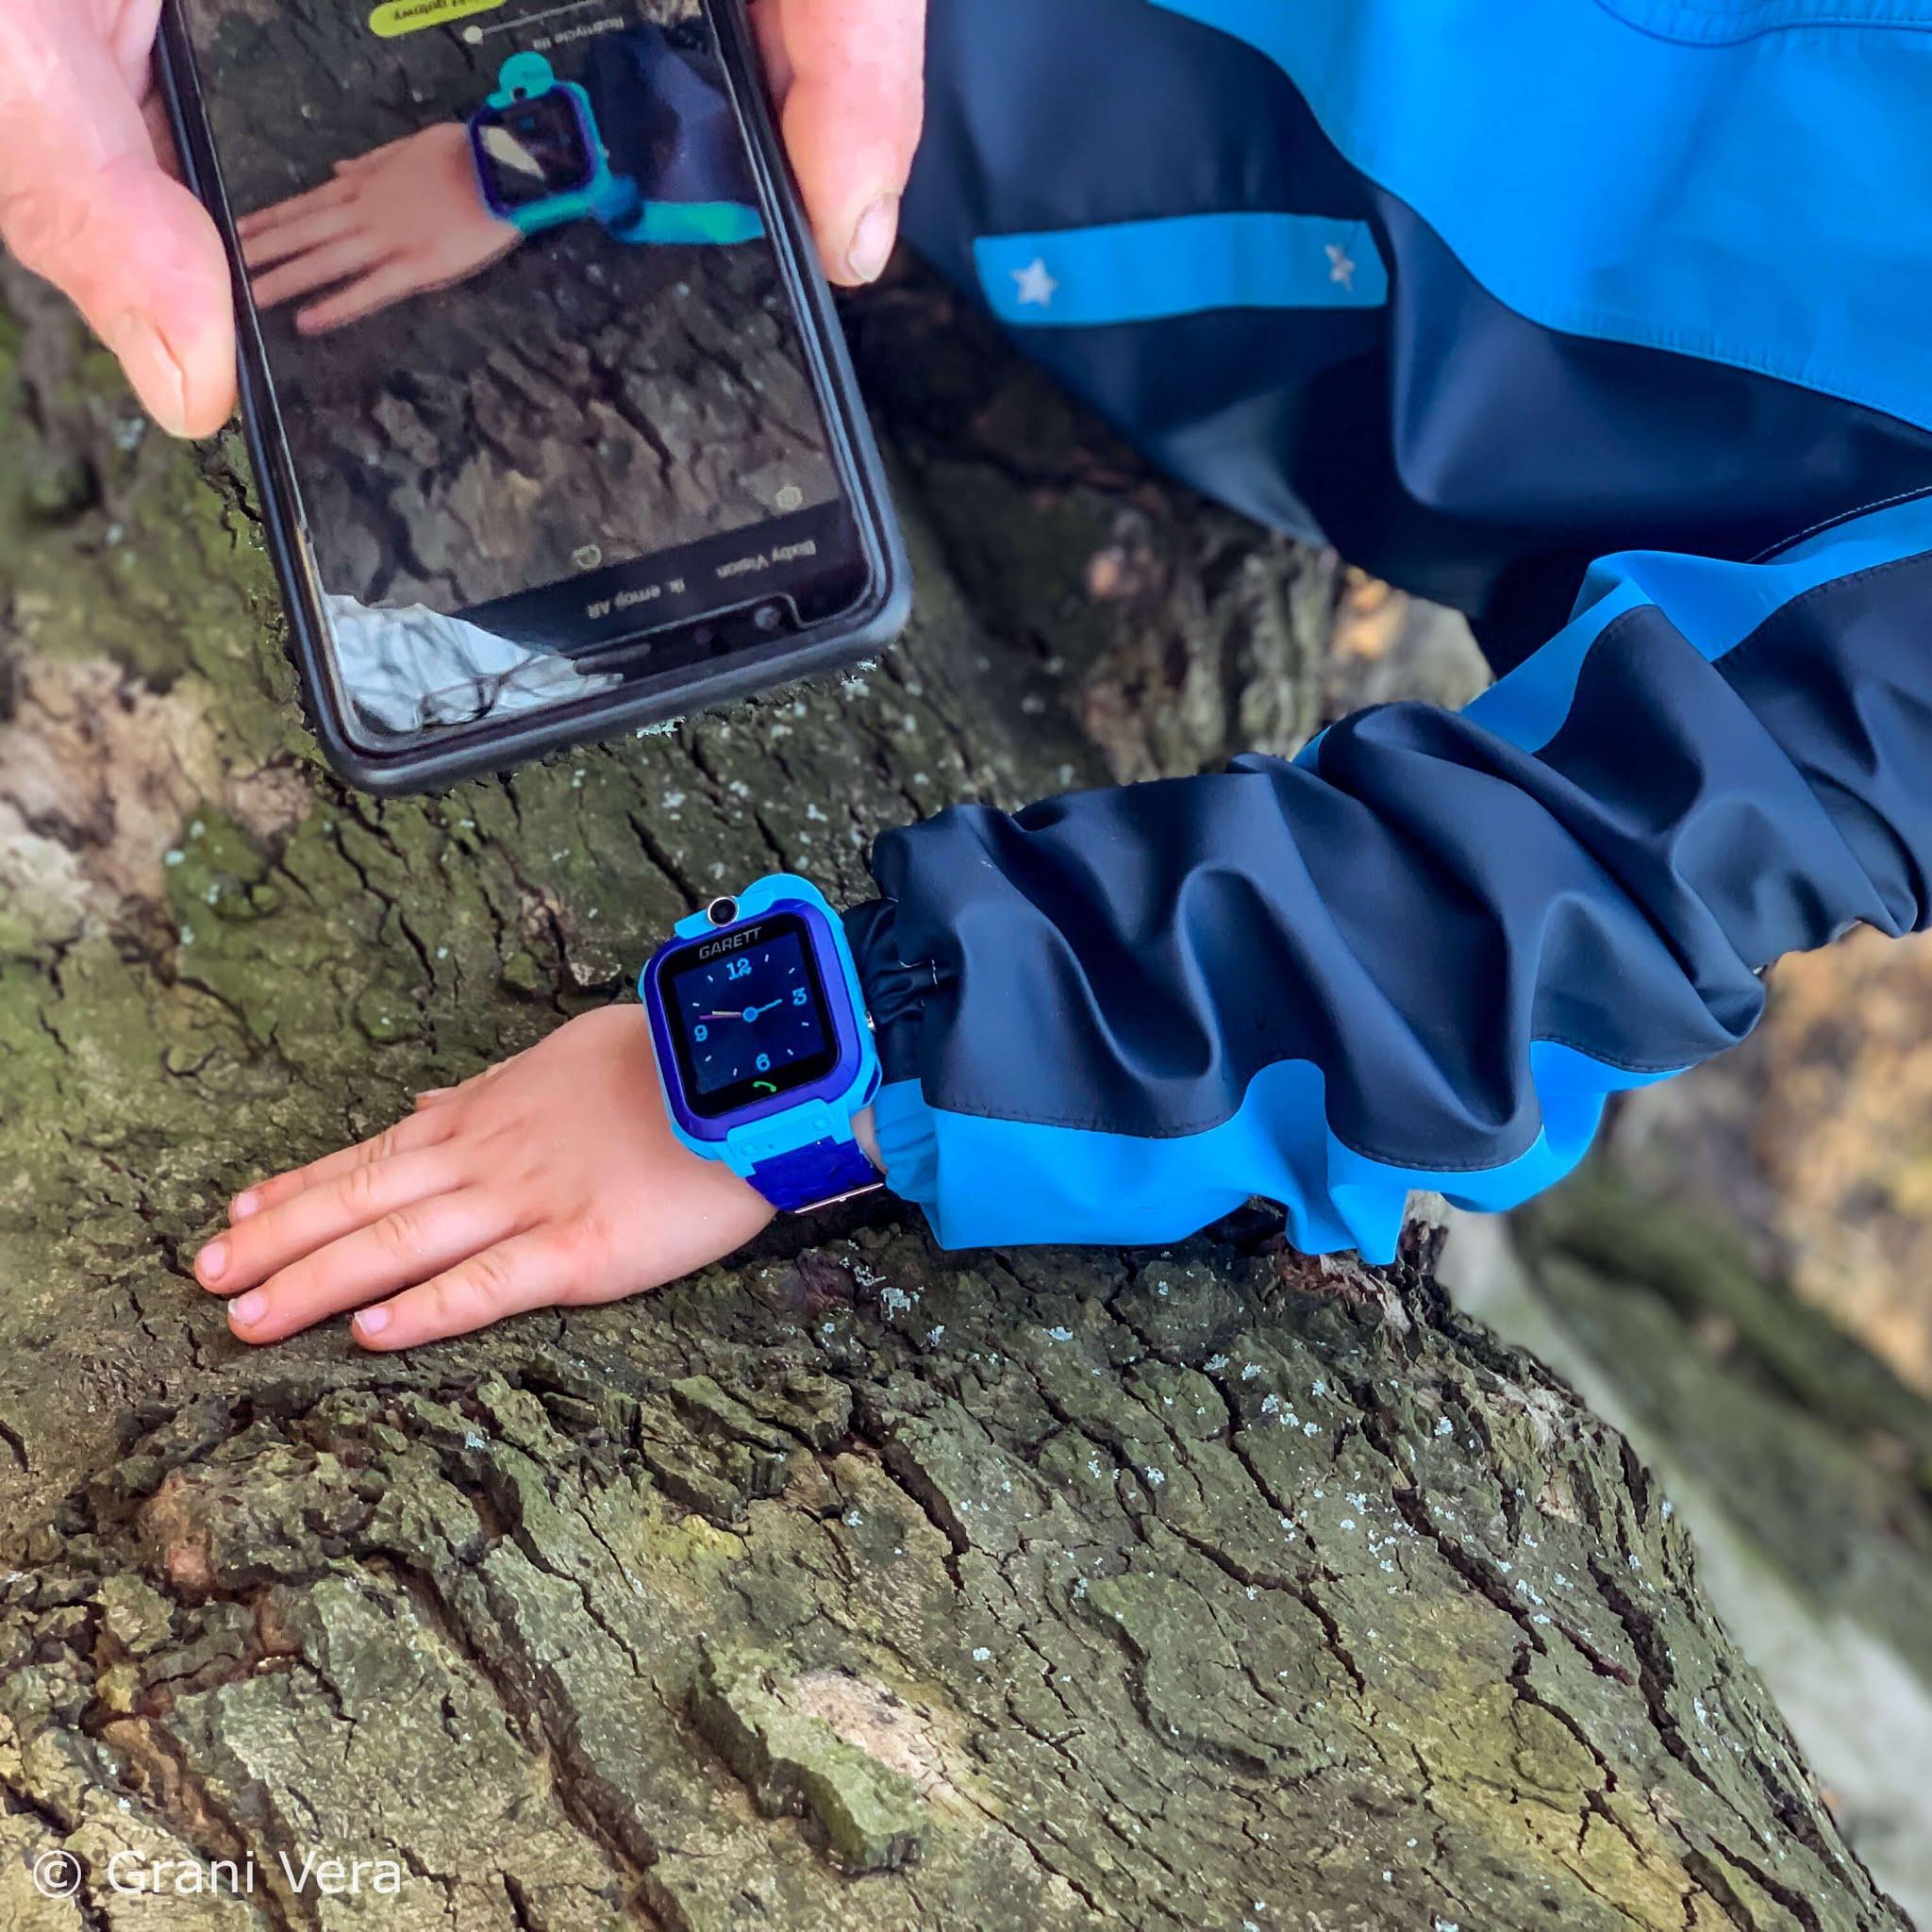 Jaki kupić smartwatch dla dziecka? / Garett Electronics - kod rabatowy 20%